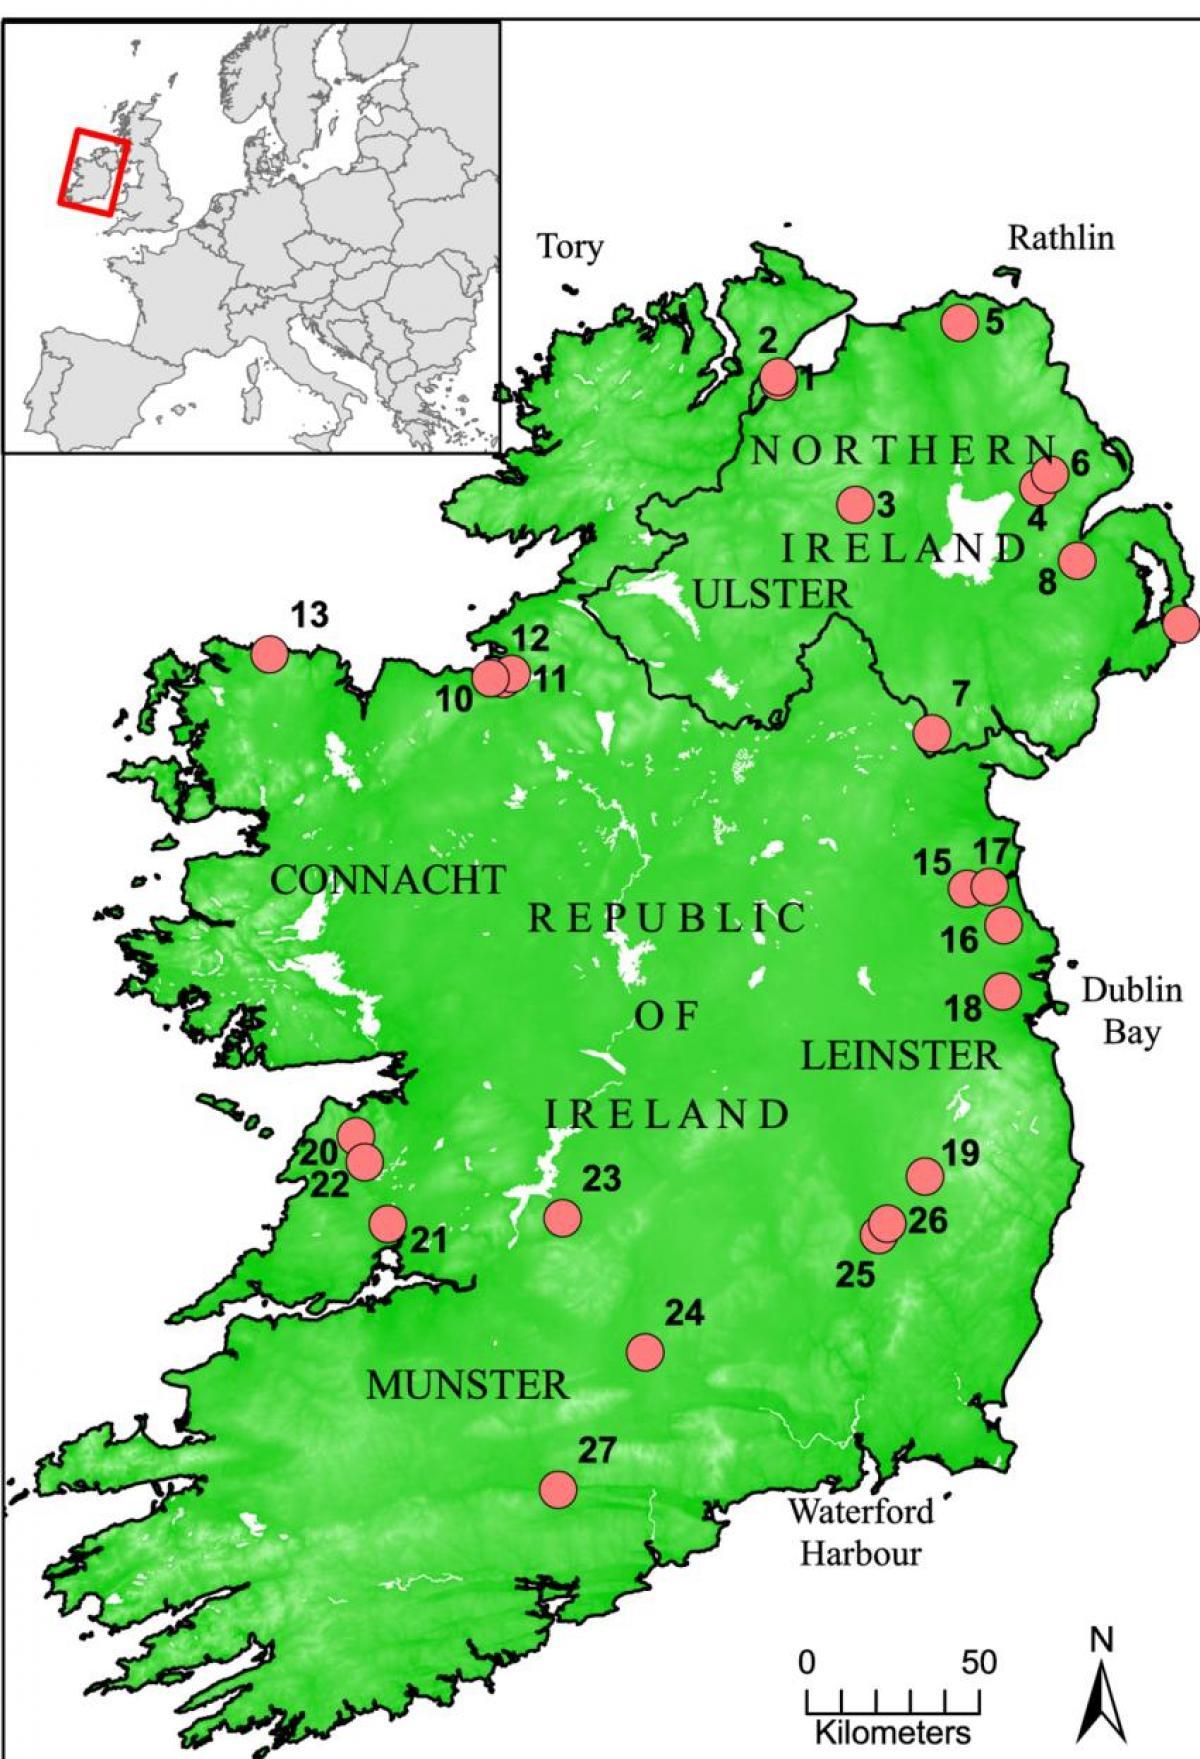 Floder Af Irland Kort Kort Over Irland Viser Floder I Det